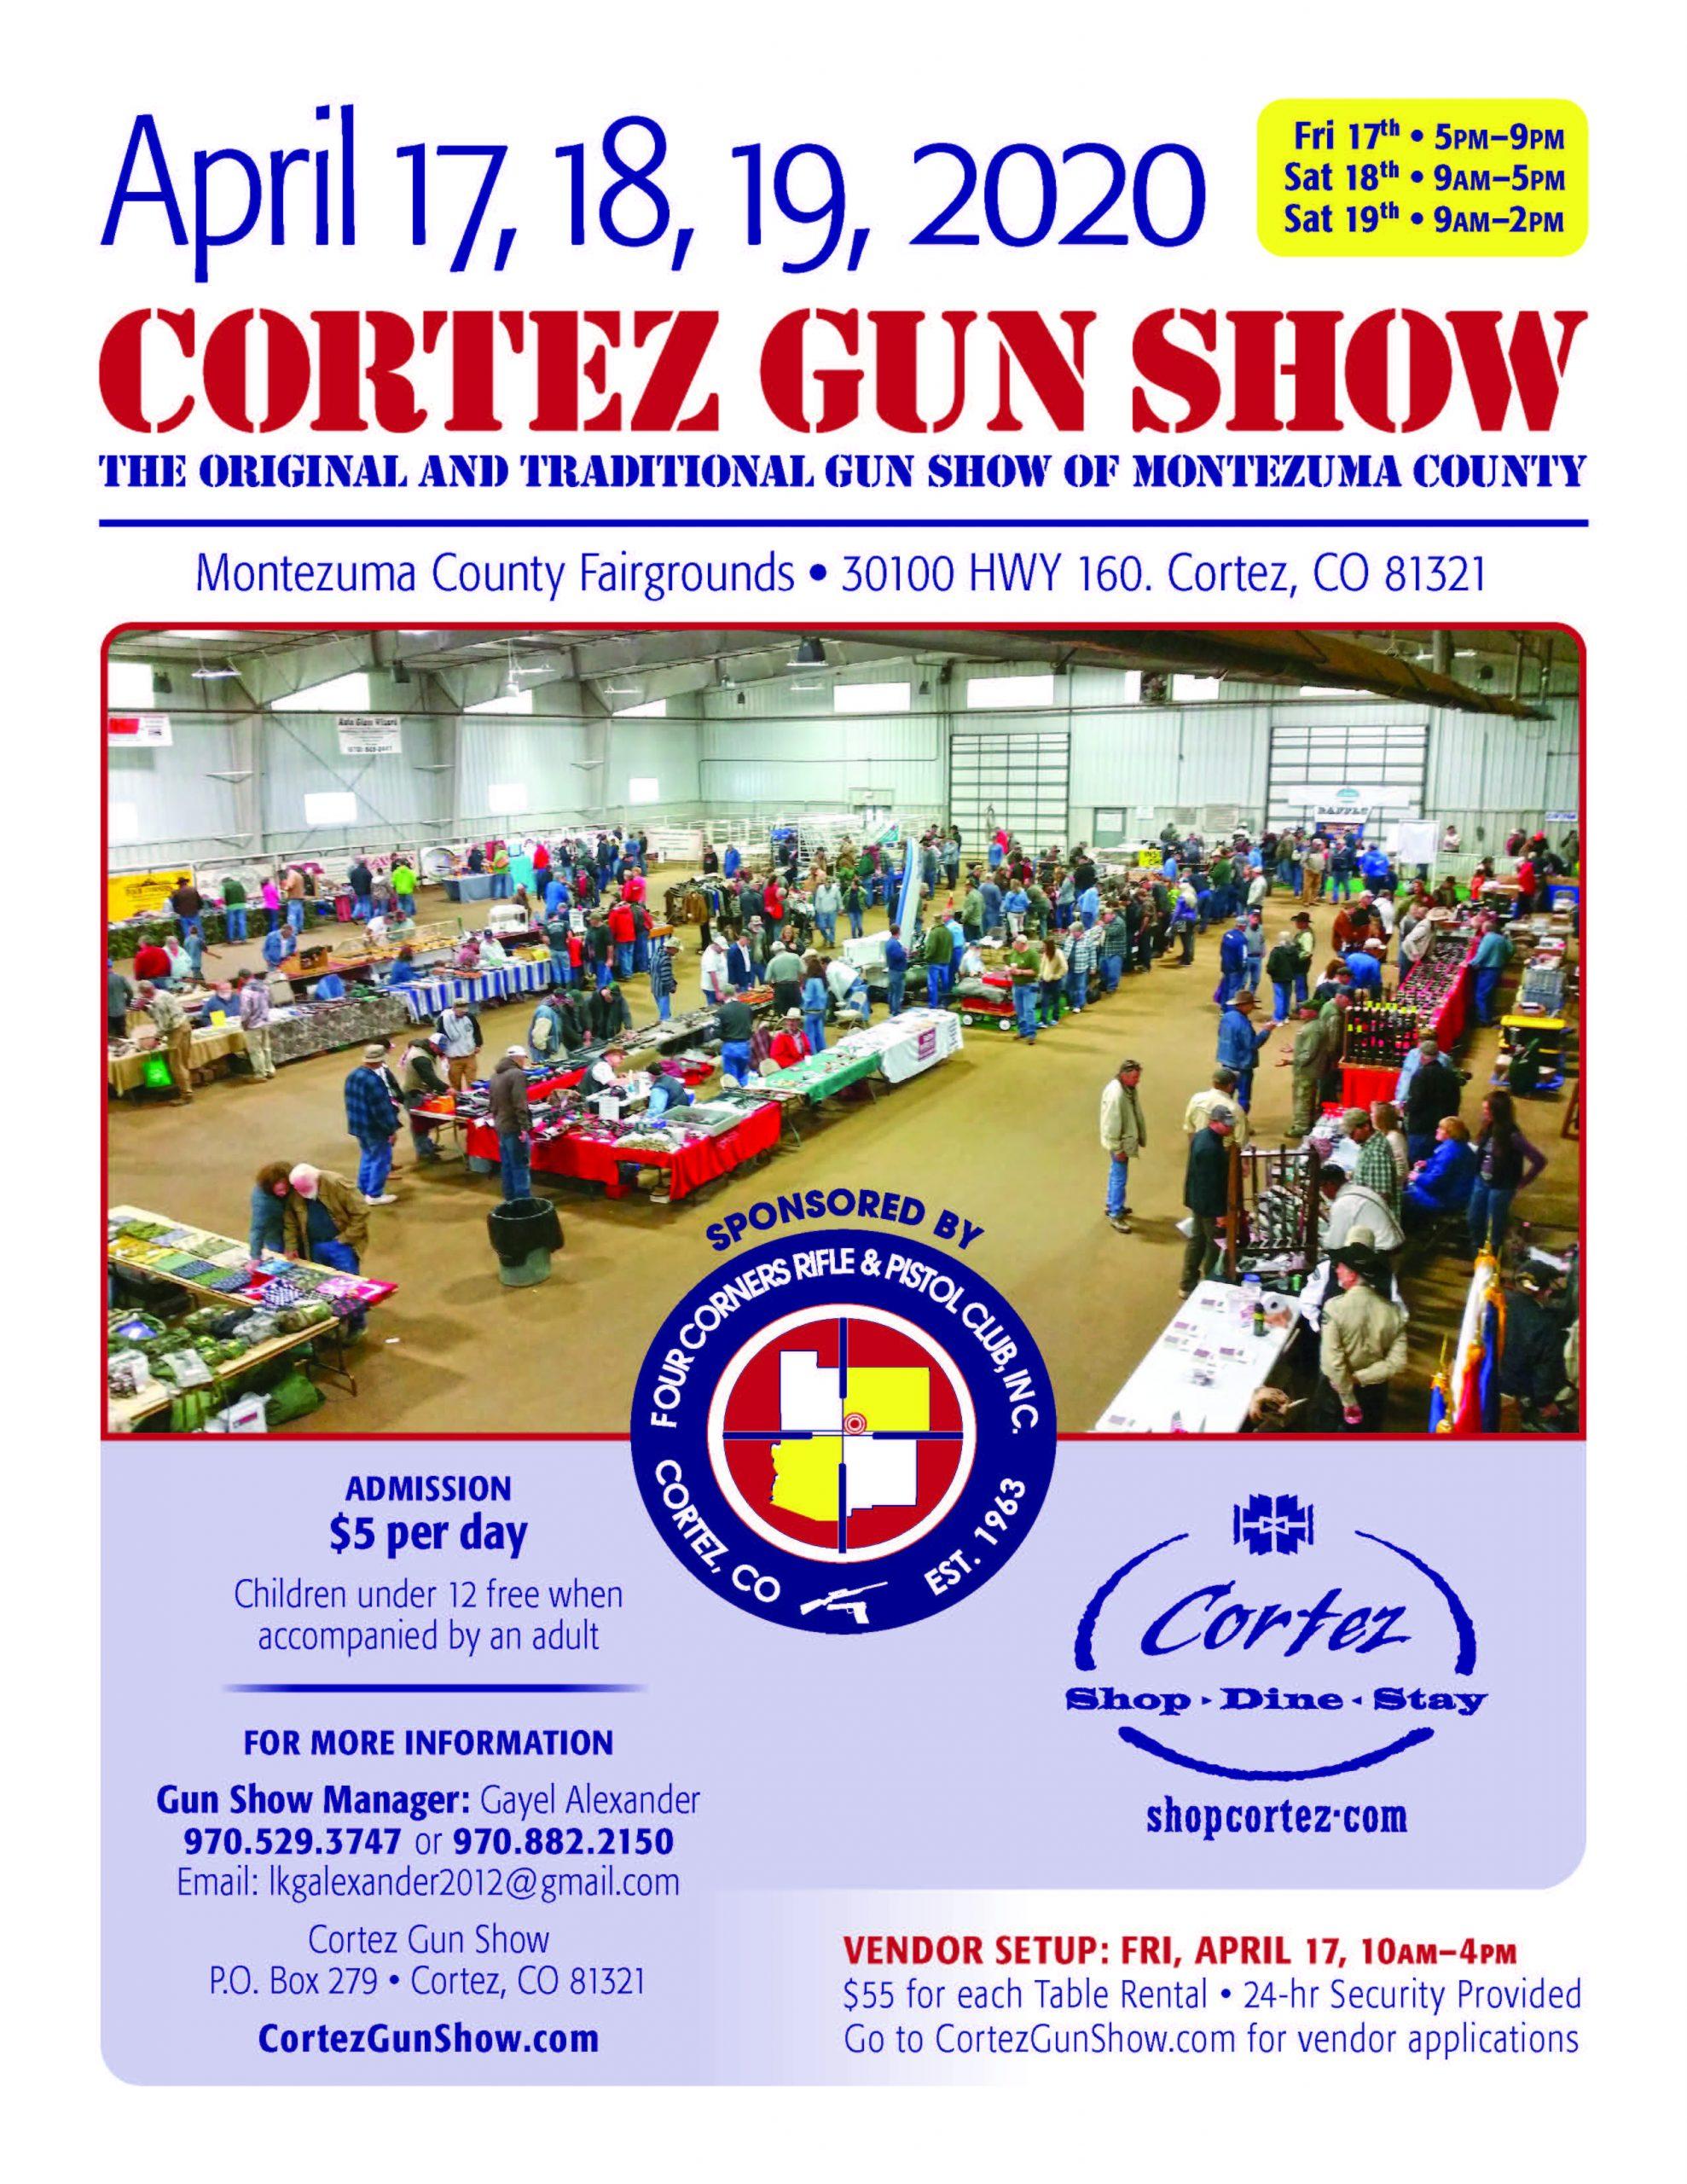 Cortez Gun Show 2020 Flyer